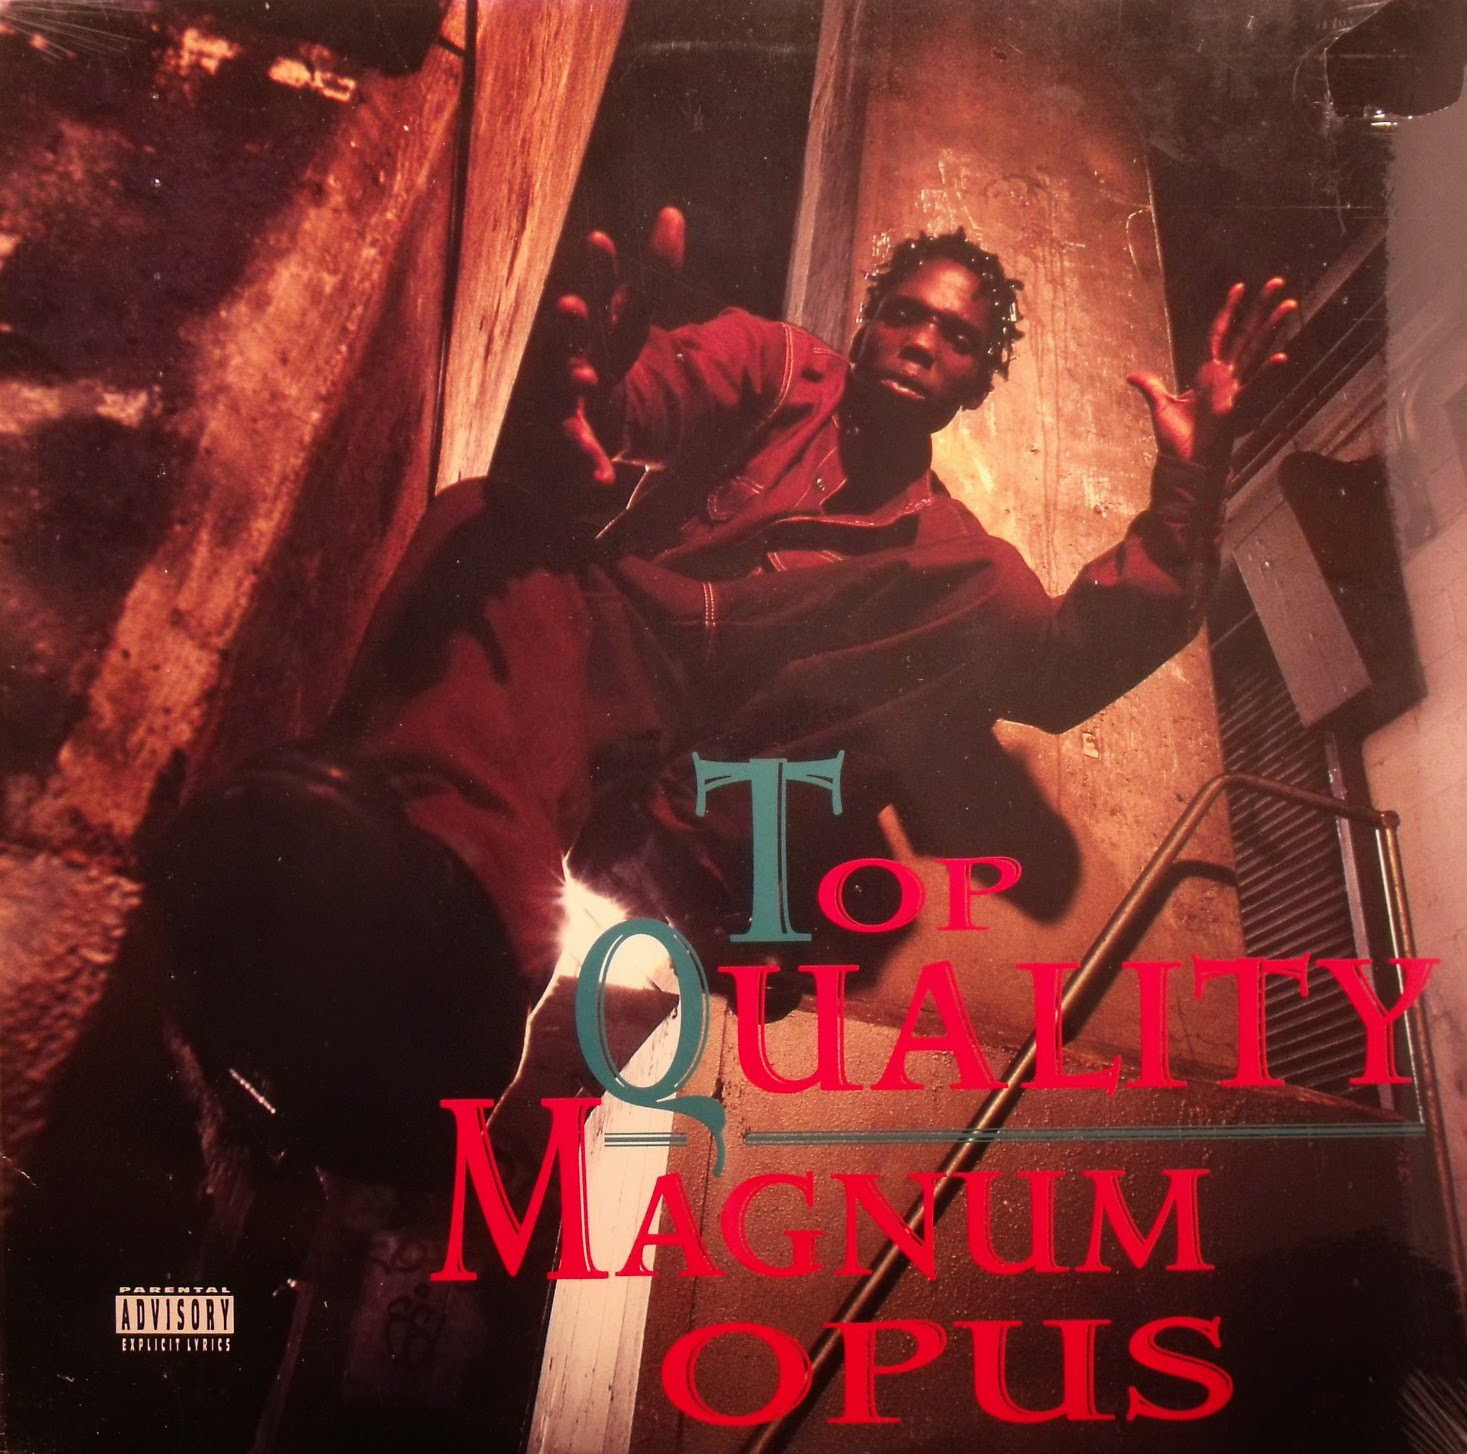 TOP QUALITY - MAGNUM OPUS (1994)